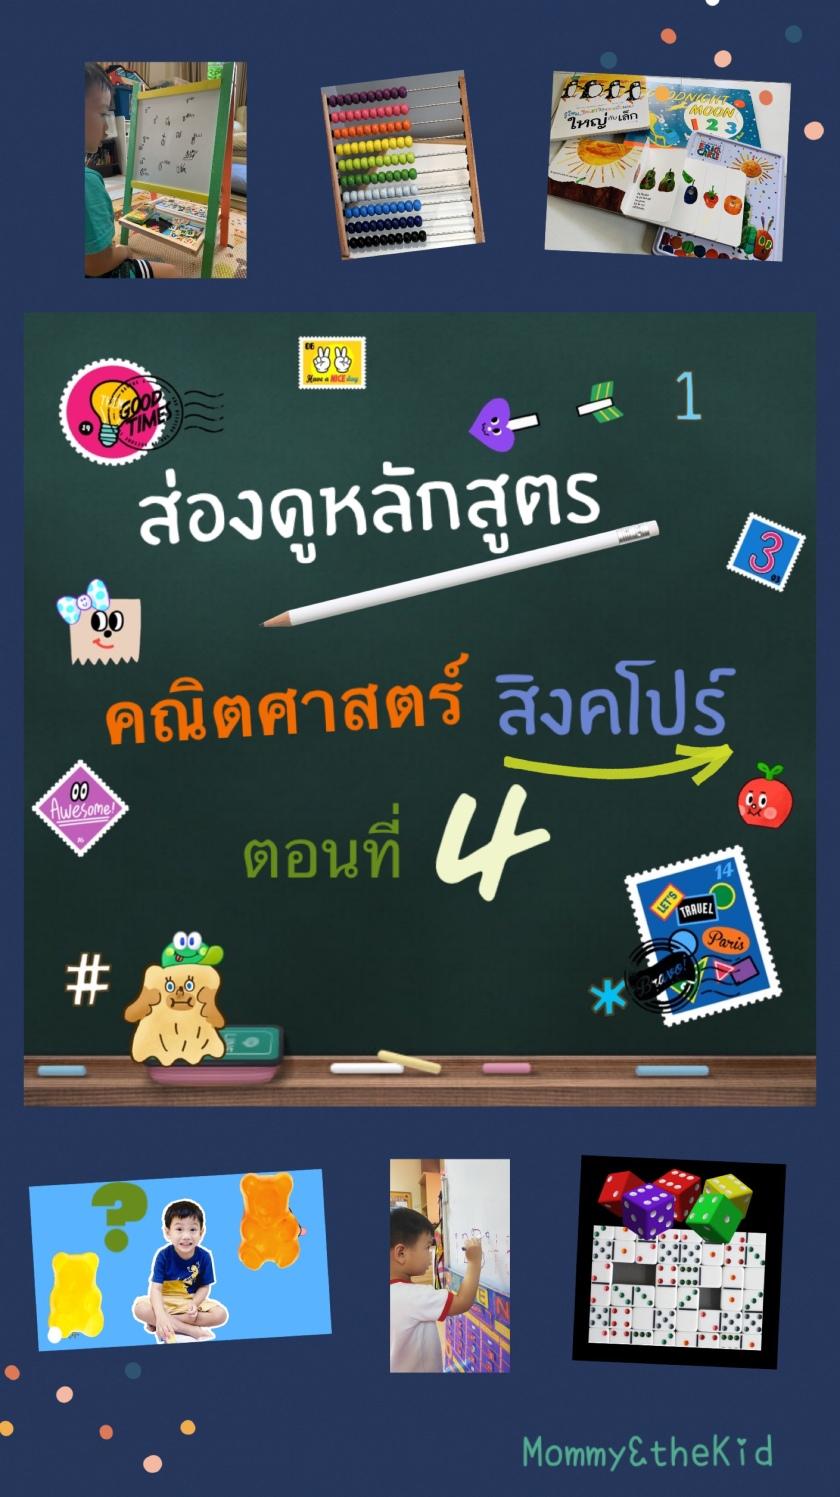 หลักสูตรคณิตศาสตร์สิงคโปร์ 4